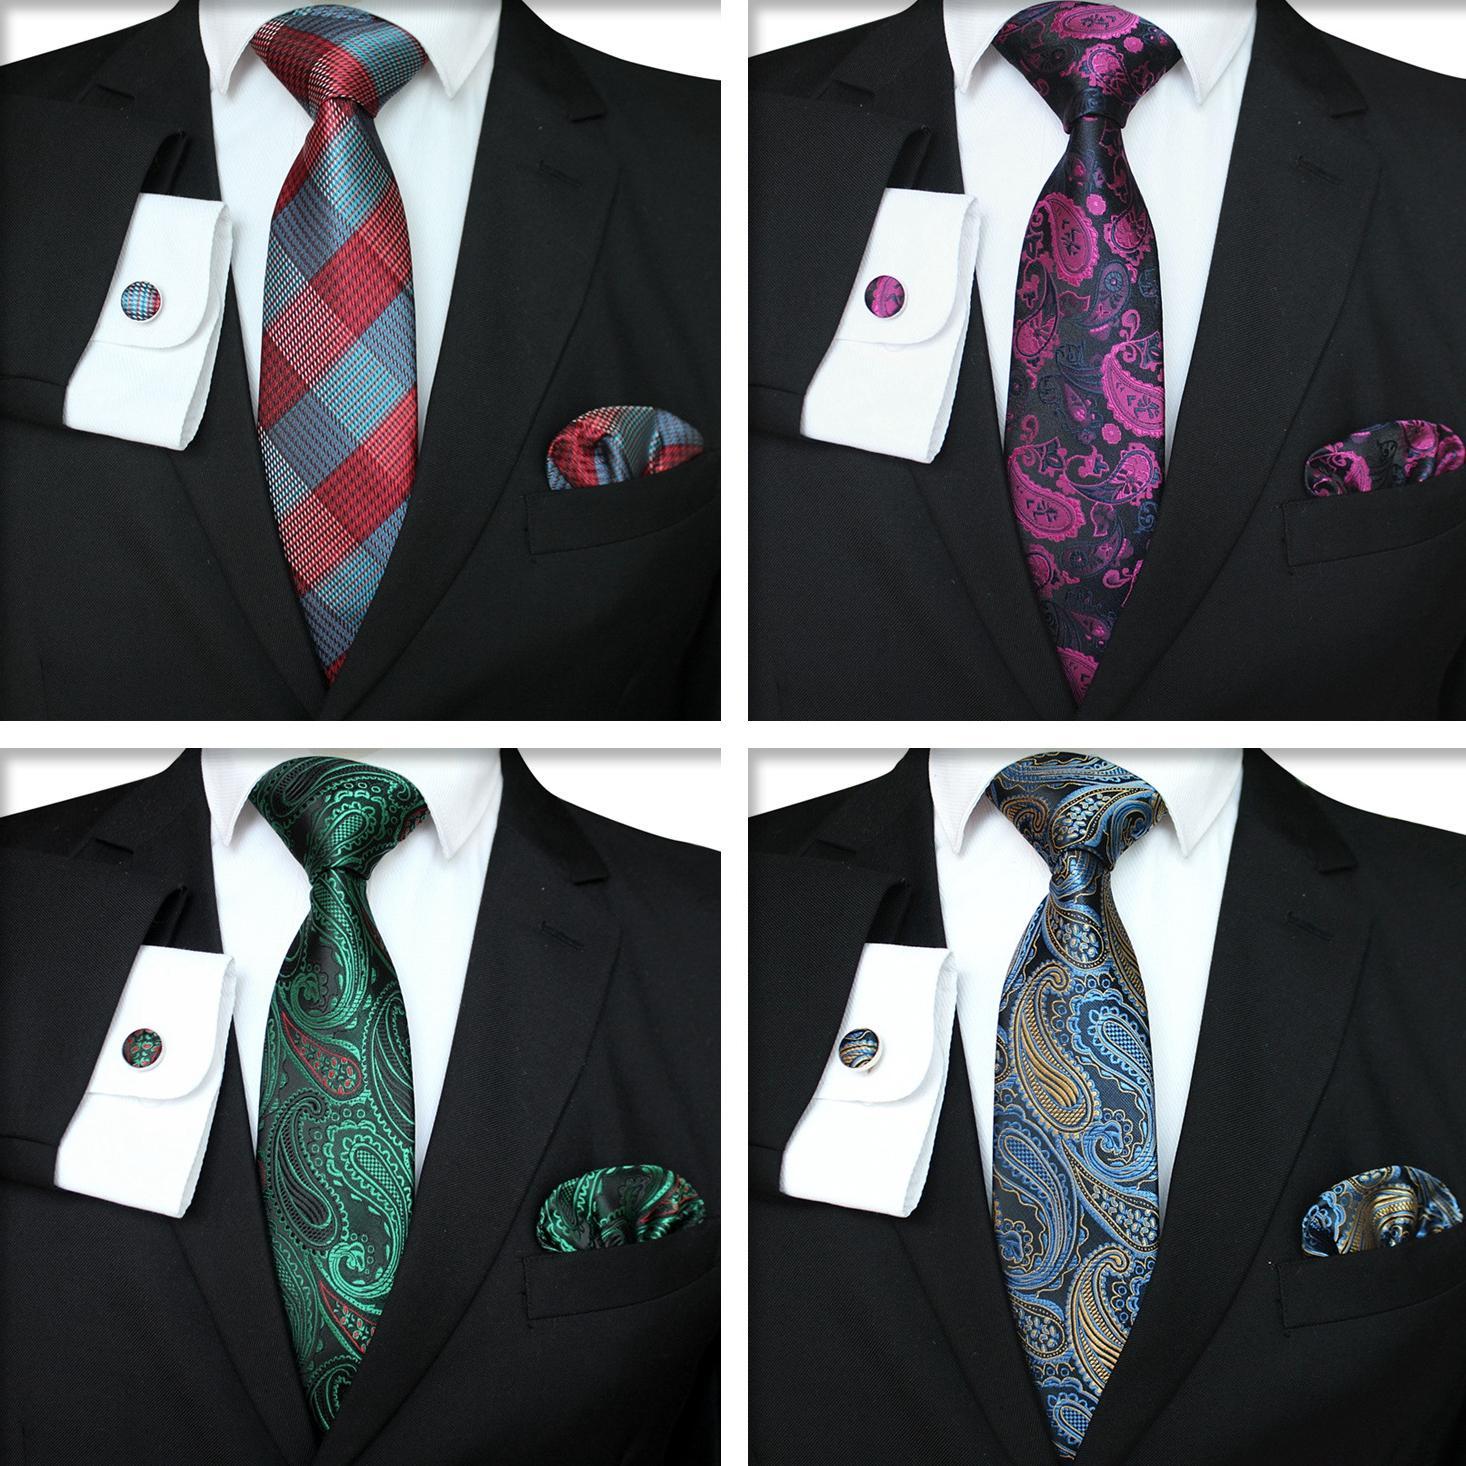 منقوشة سلسلة التعادل مجموعة أزياء الرجال الكلاسيكية الحرير المنديل أزرار أكمام جاكار نسج ربطة العنق للرجال الأعمال التعادل مجموعة TTA-1116